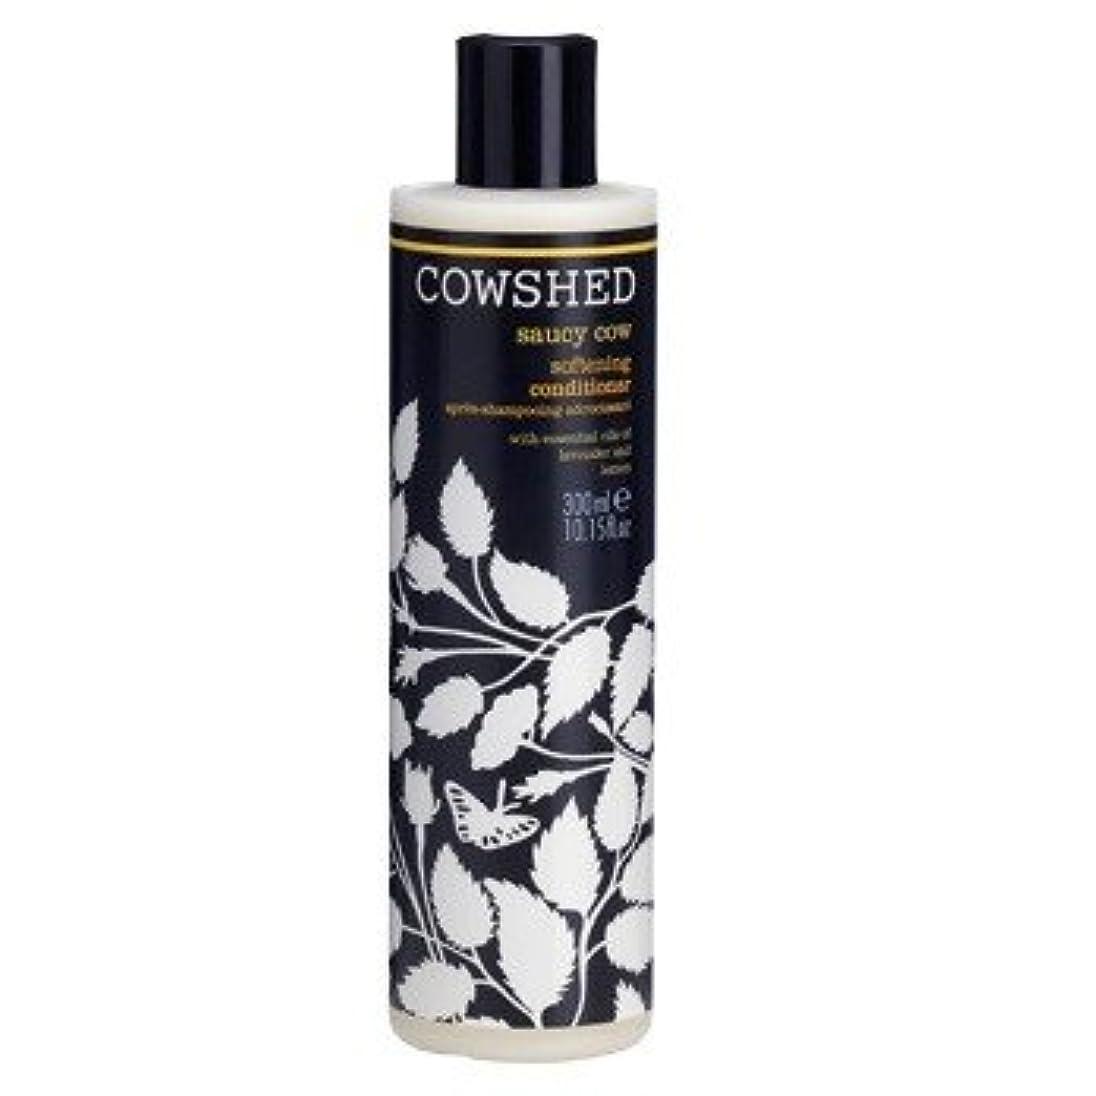 入場料国民変装牛舎生意気な牛軟化コンディショナー300ミリリットル (Cowshed) - Cowshed Saucy Cow Softening Conditioner 300ml [並行輸入品]